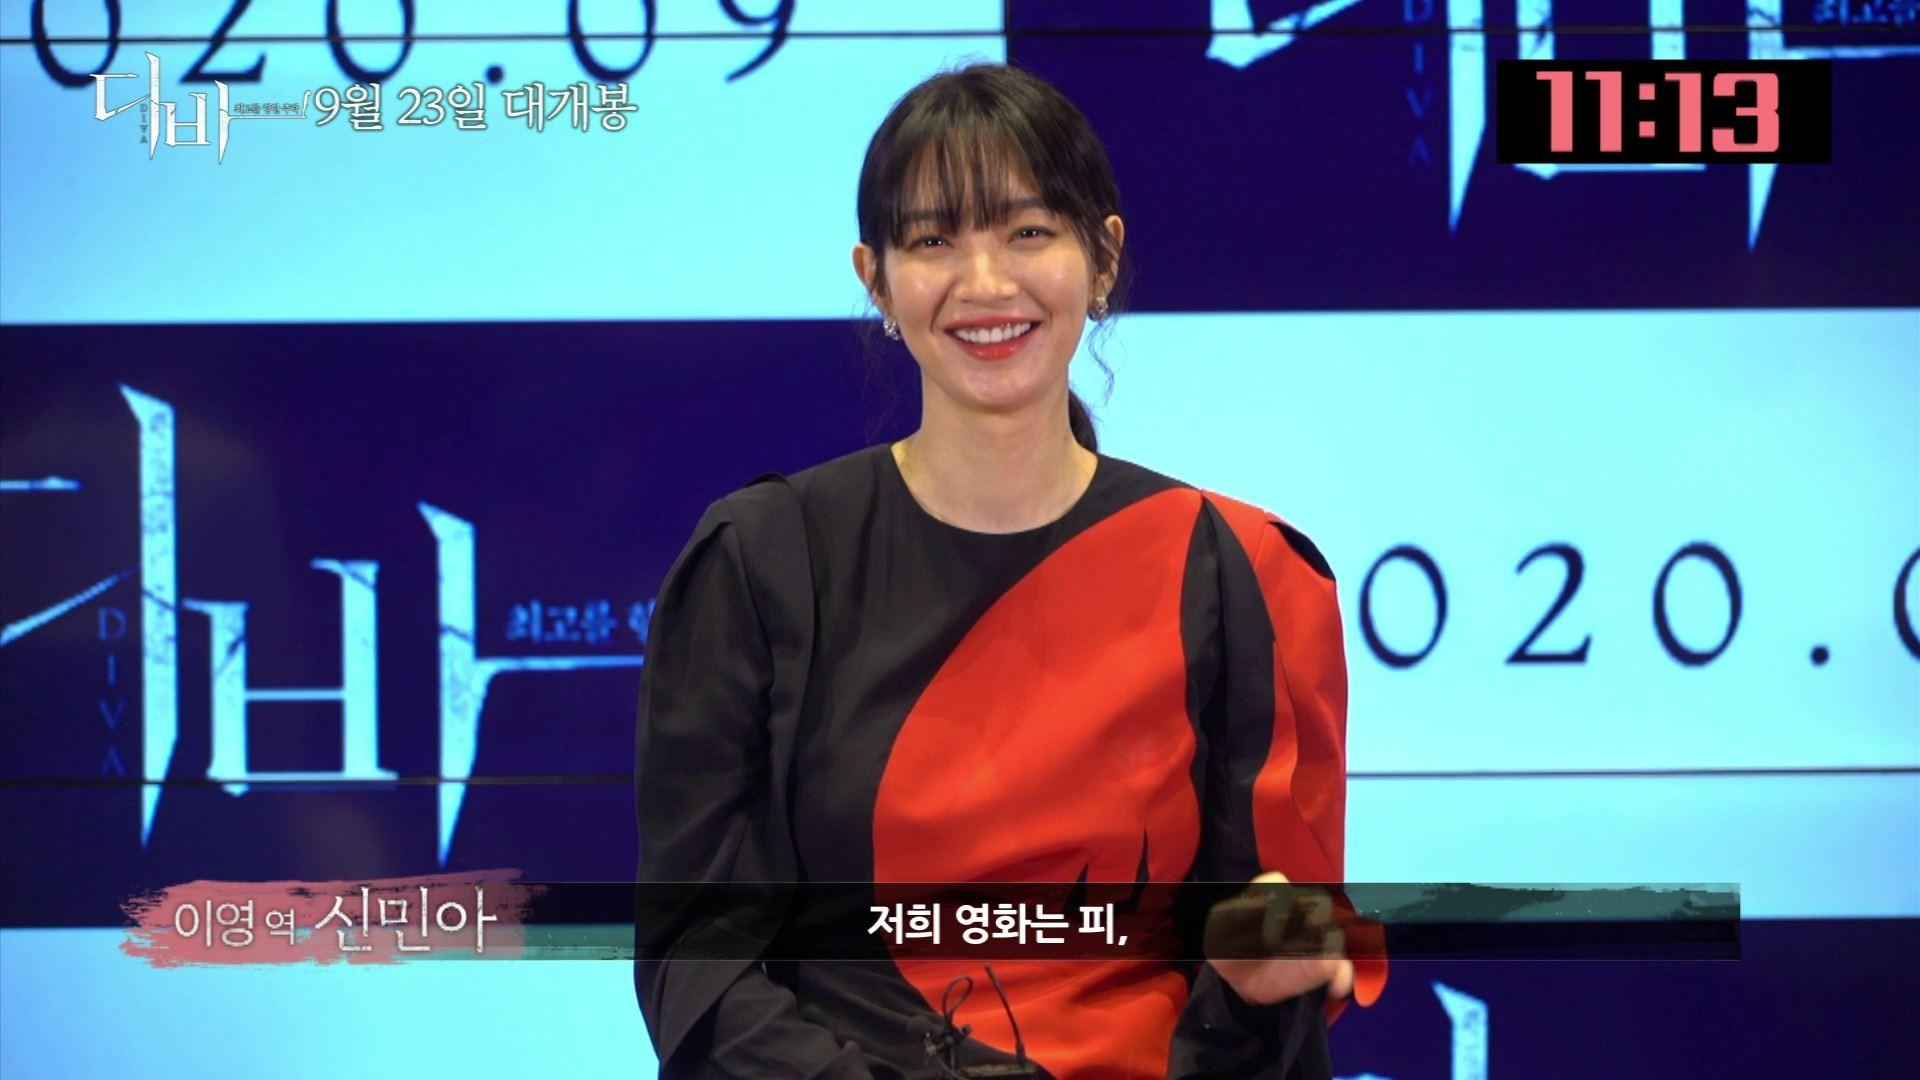 """'디바' 신민아X이유영X이규형, 재치만발 15초 홍보 """"피 땀 눈물 담겼다"""""""